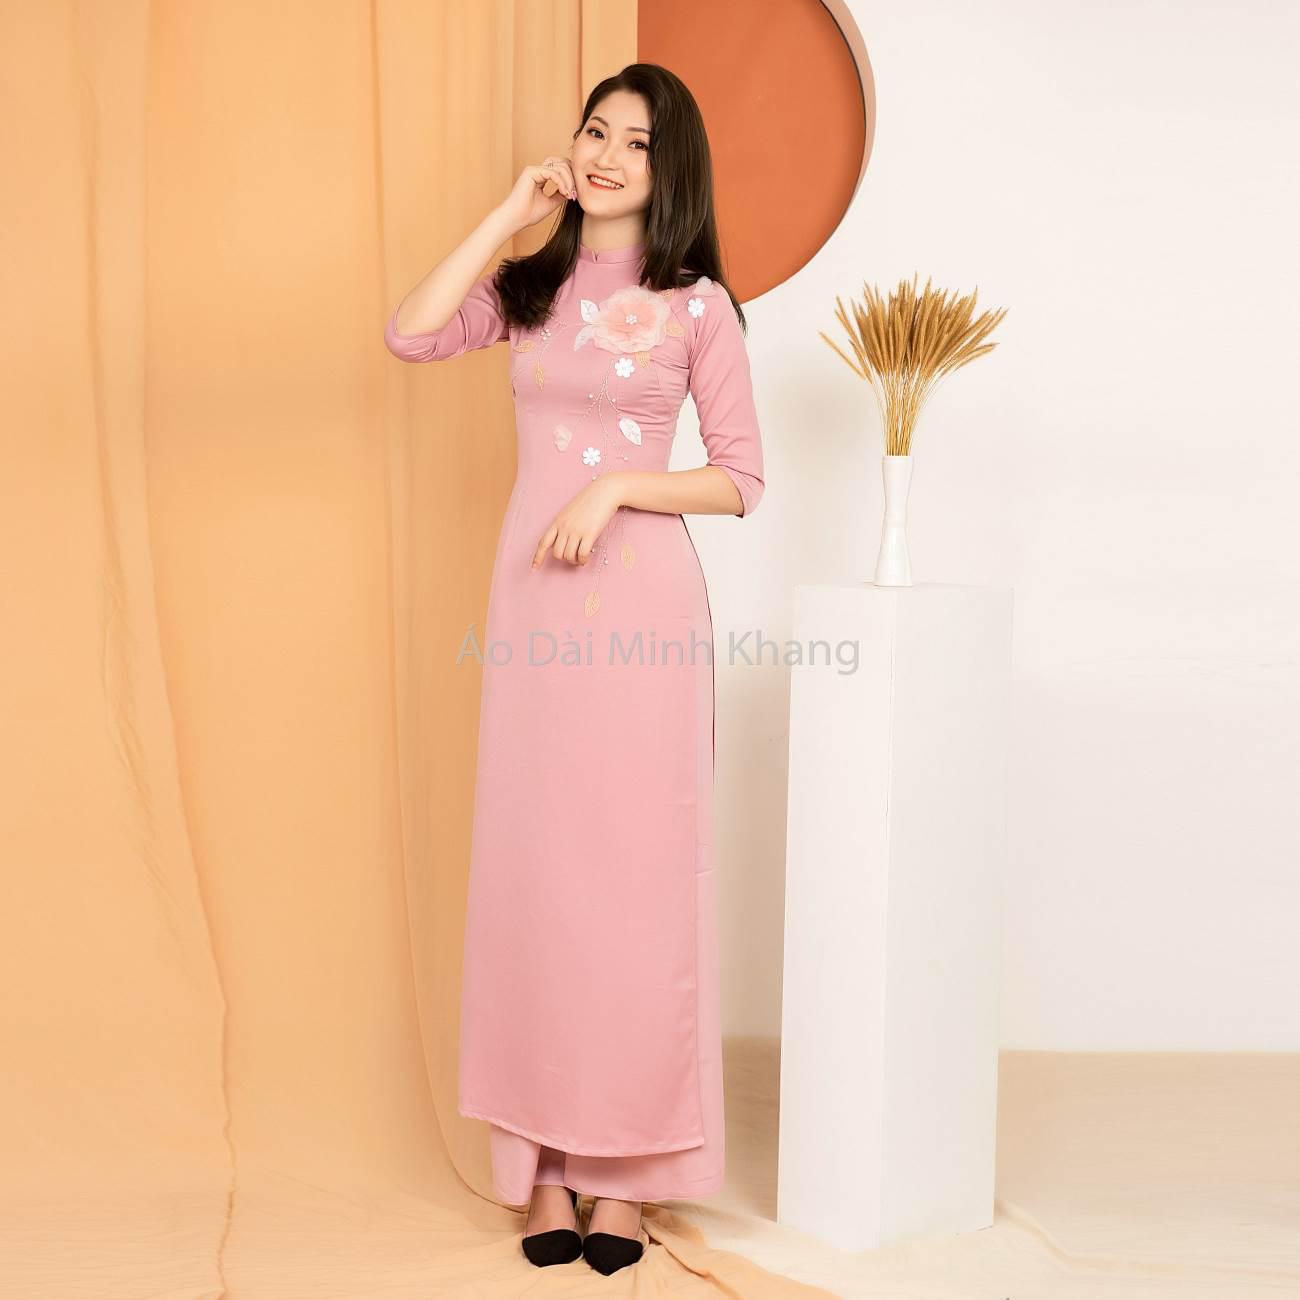 Thương hiệu thời trang áo dài Minh Khang niềm tự hào của phái đẹp Việt - Ảnh 3.